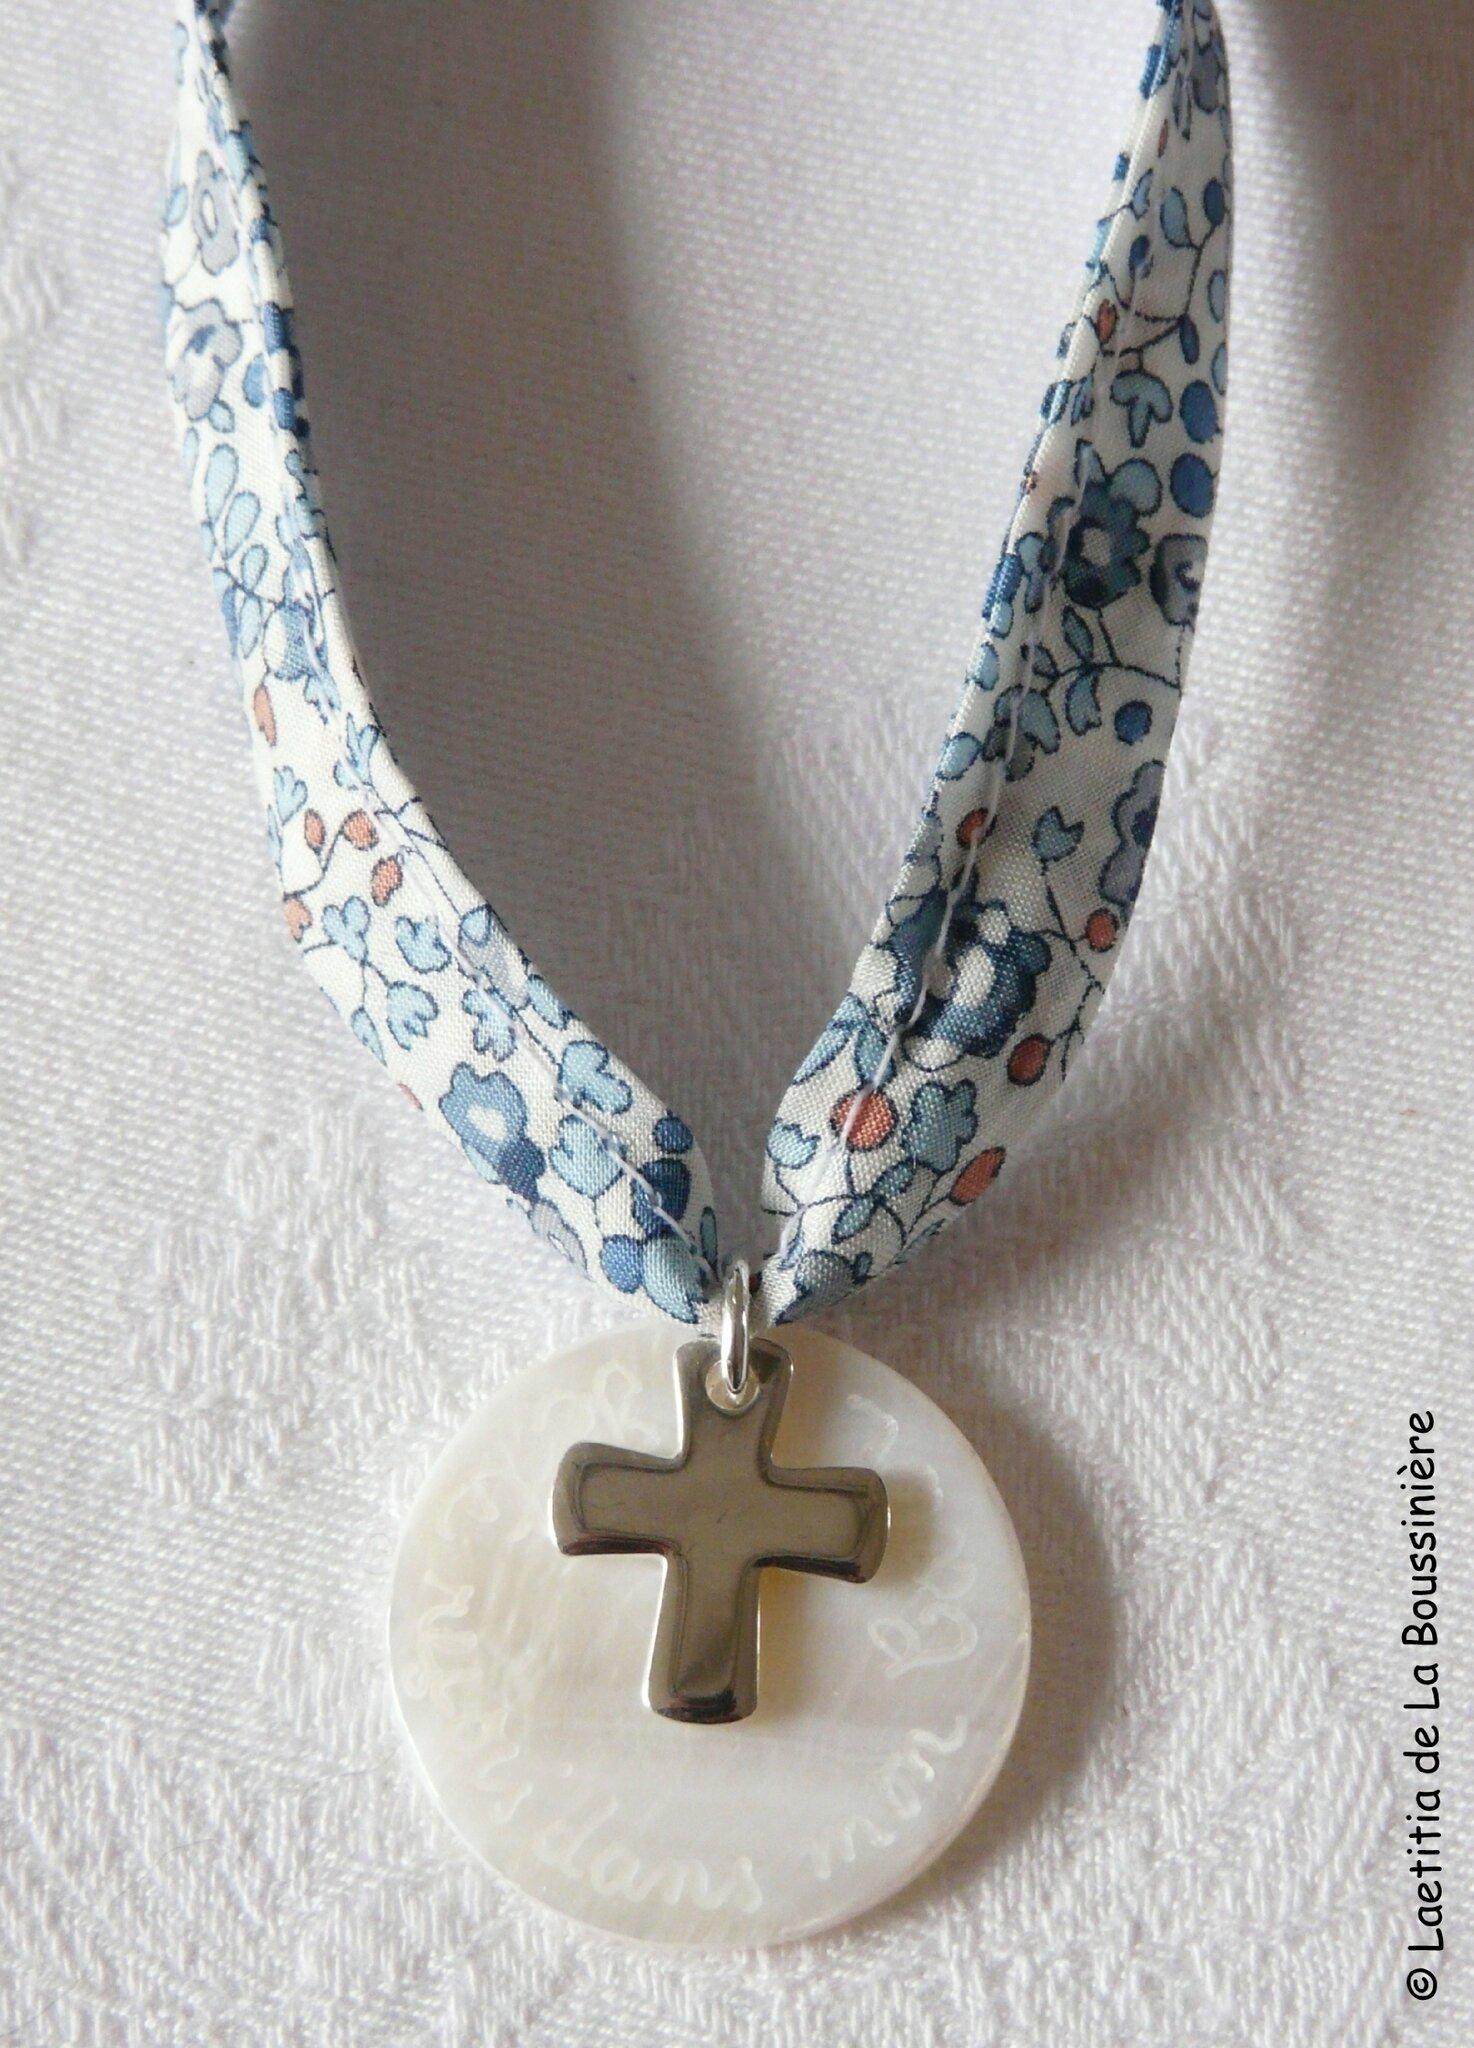 Collier de Première Communion Croix 16 mm (sur ruban Liberty Eloïse bleu) - 38 €